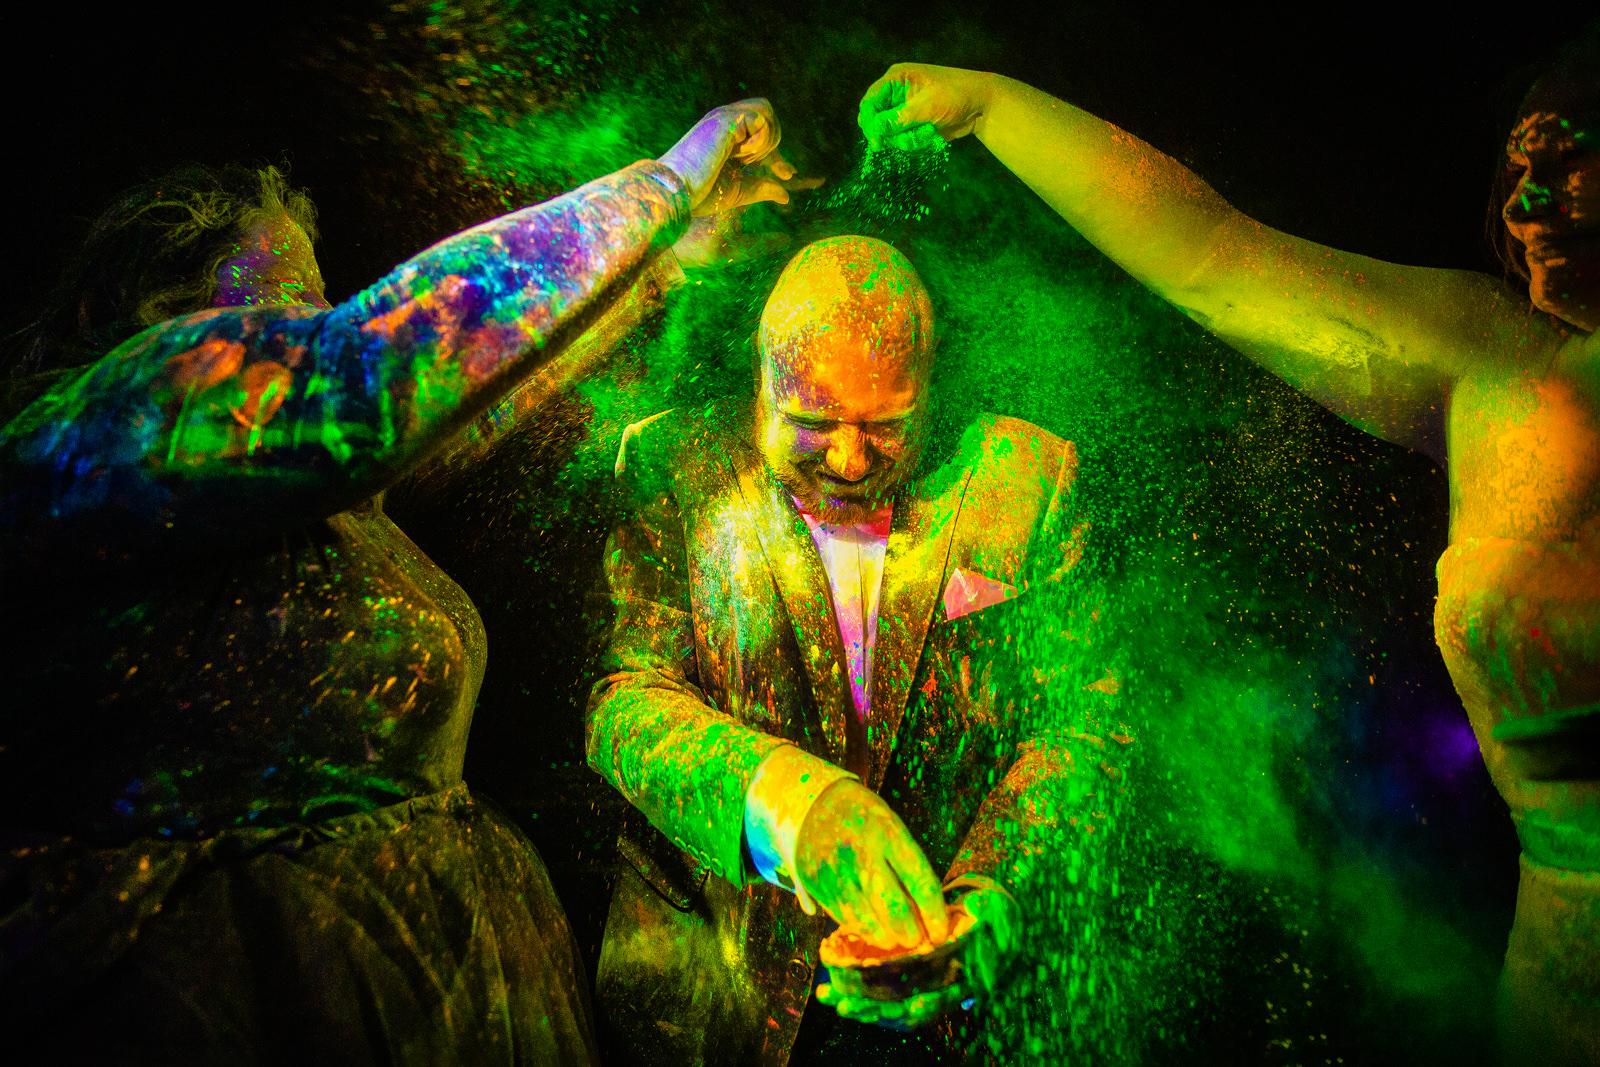 Bräutigam mit Holy Pulver bei der freien Trauung von der Trautante bei einer Schwarzlicht Hochzeit im Wald fotografiert von Hochzeitsfotograf Steven Herrschaft aus Wiesbaden